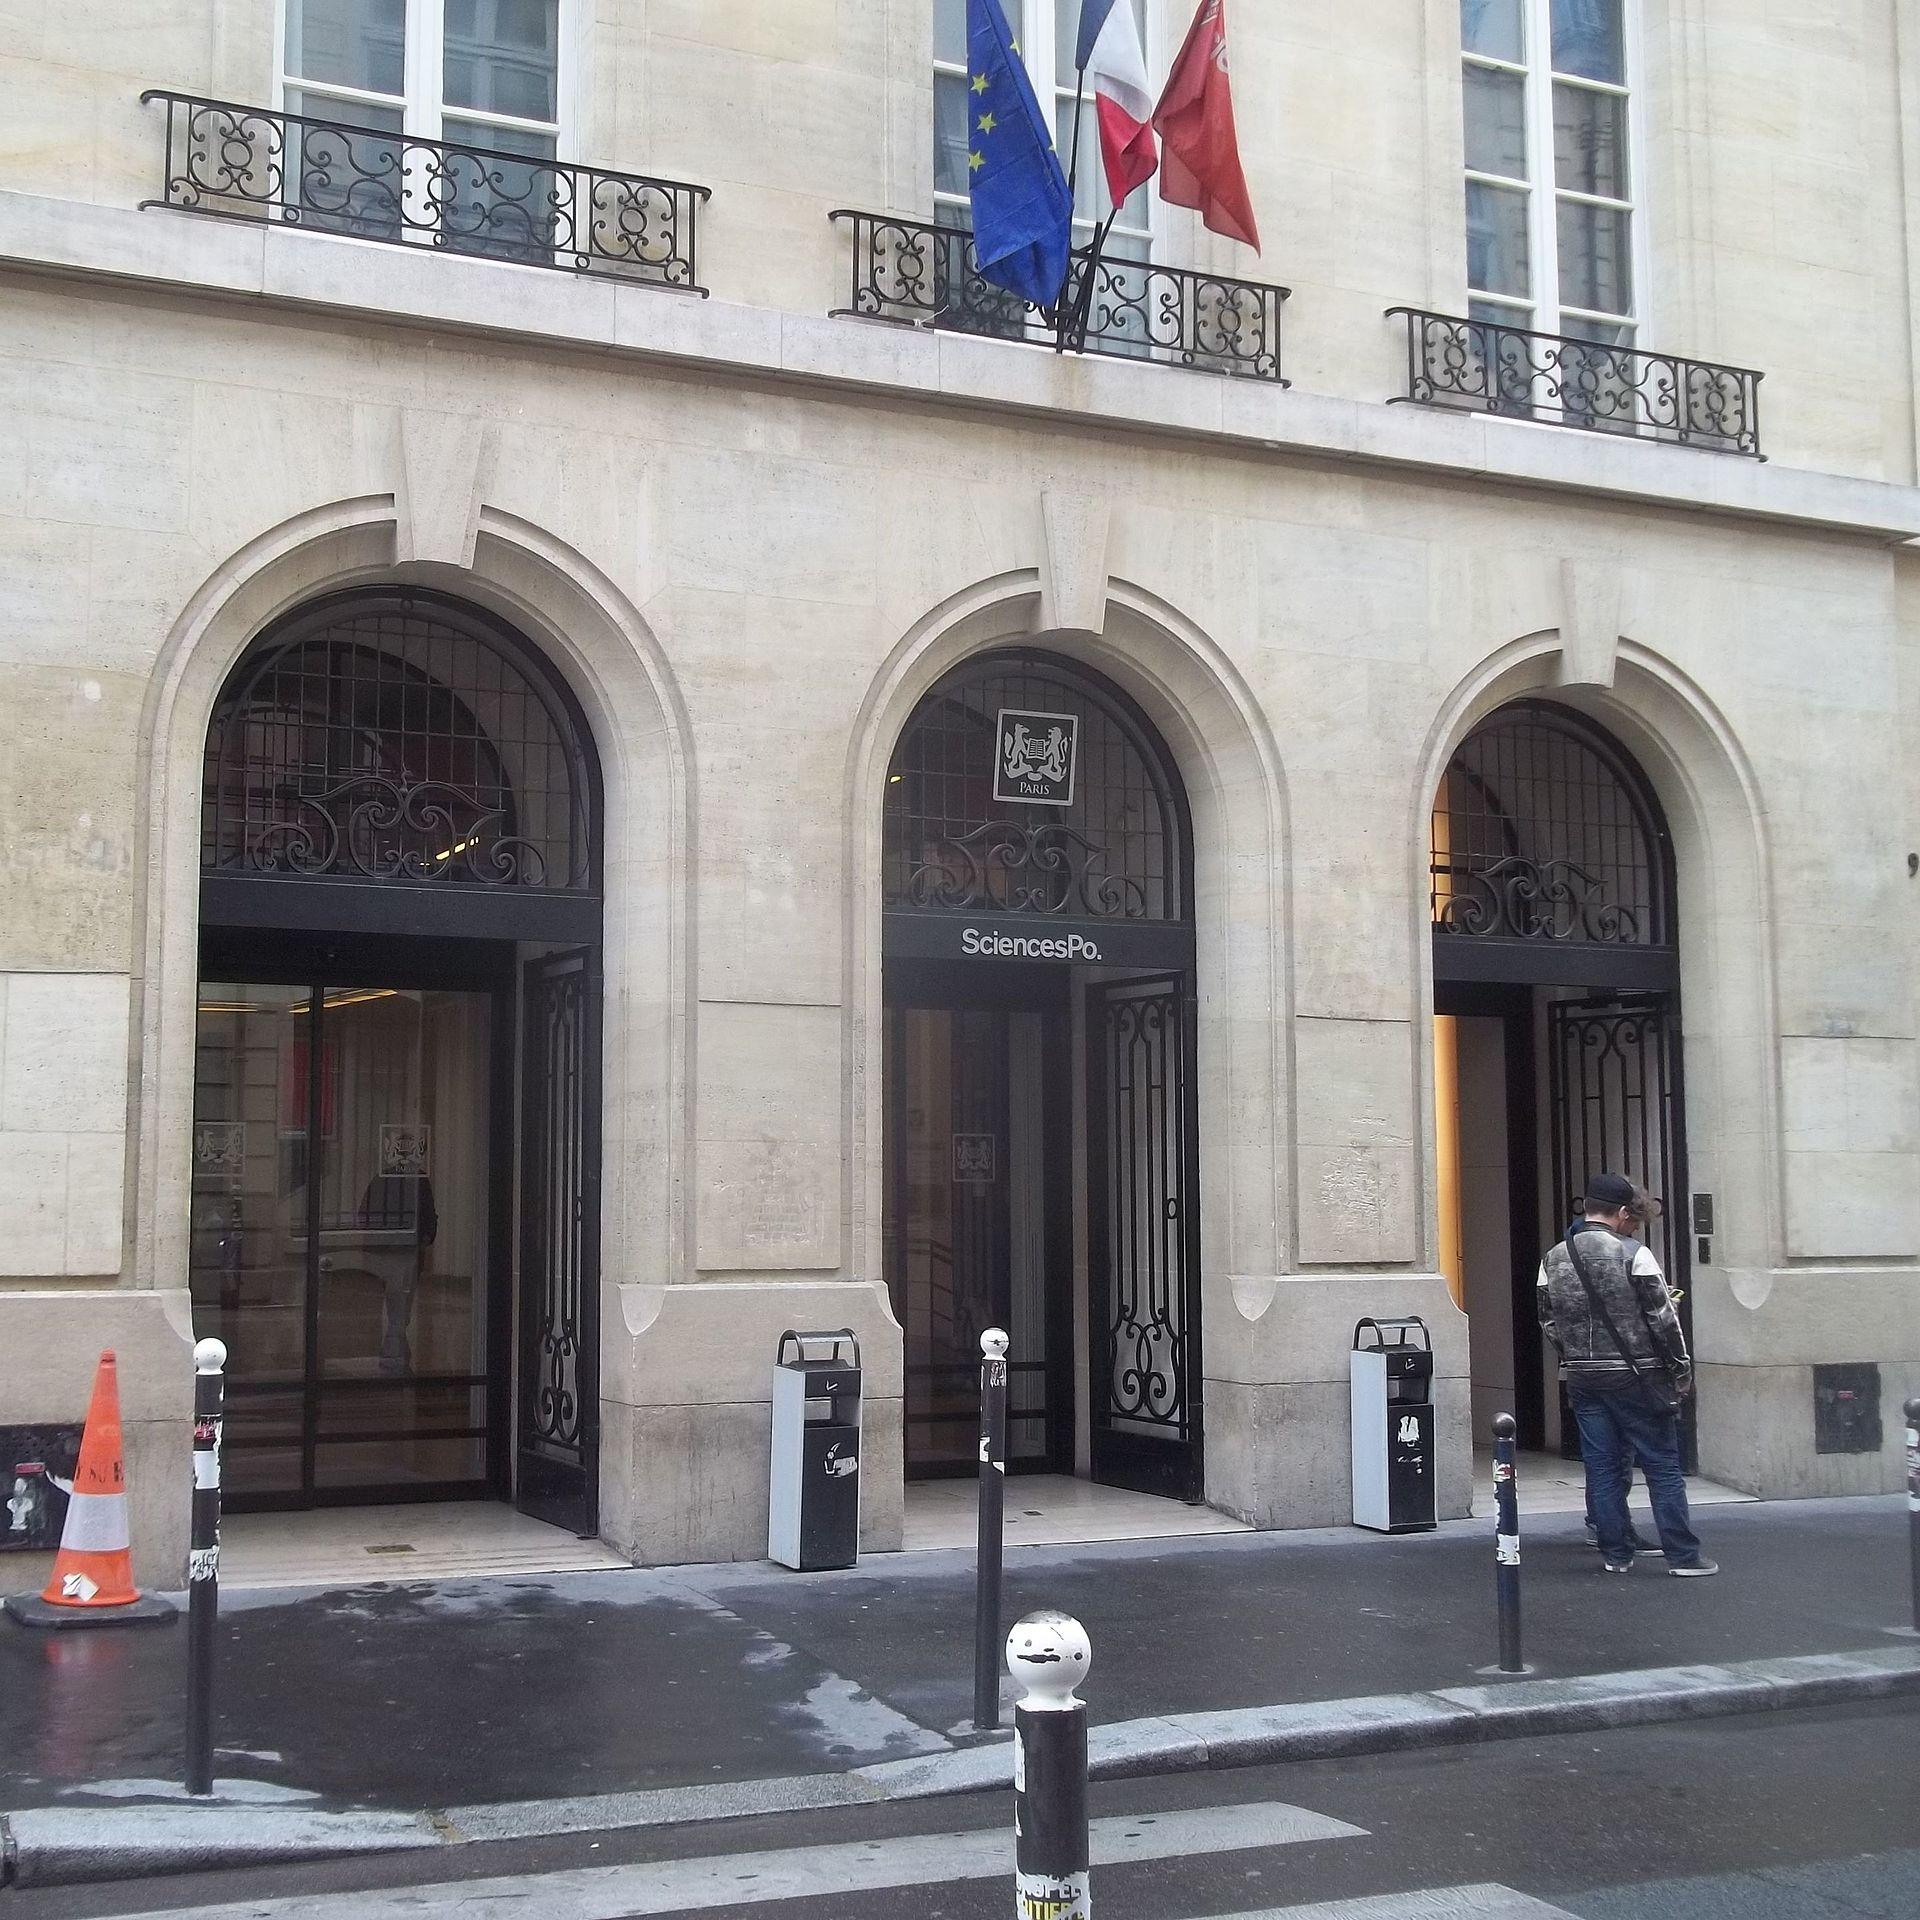 Istituto di studi politici di parigi wikipedia for 9 rue de la chaise sciences po